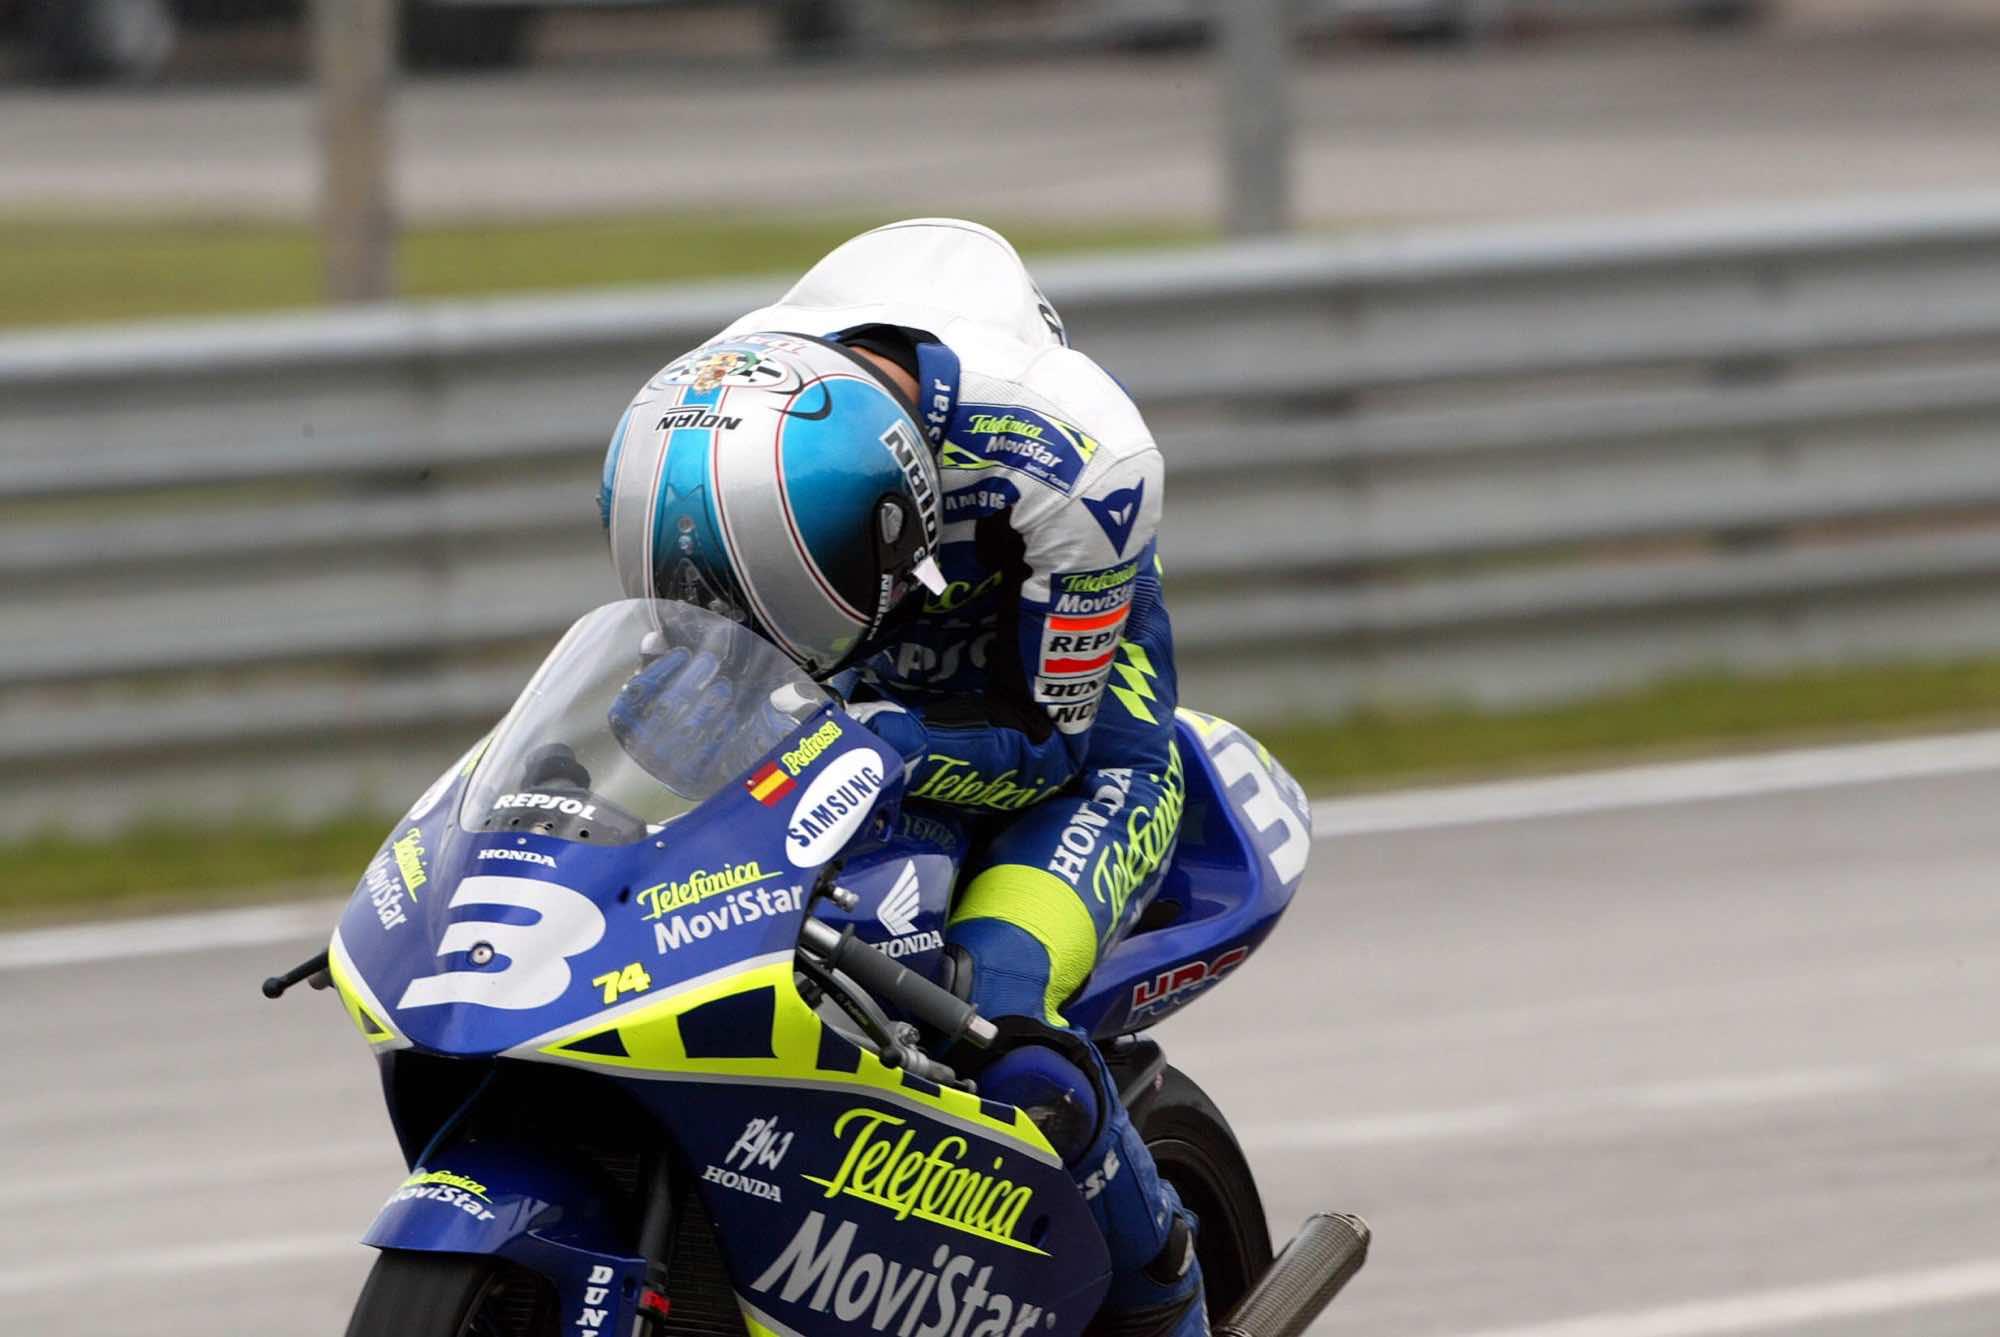 Los mejores momentos de Dani Pedrosa en MotoGP